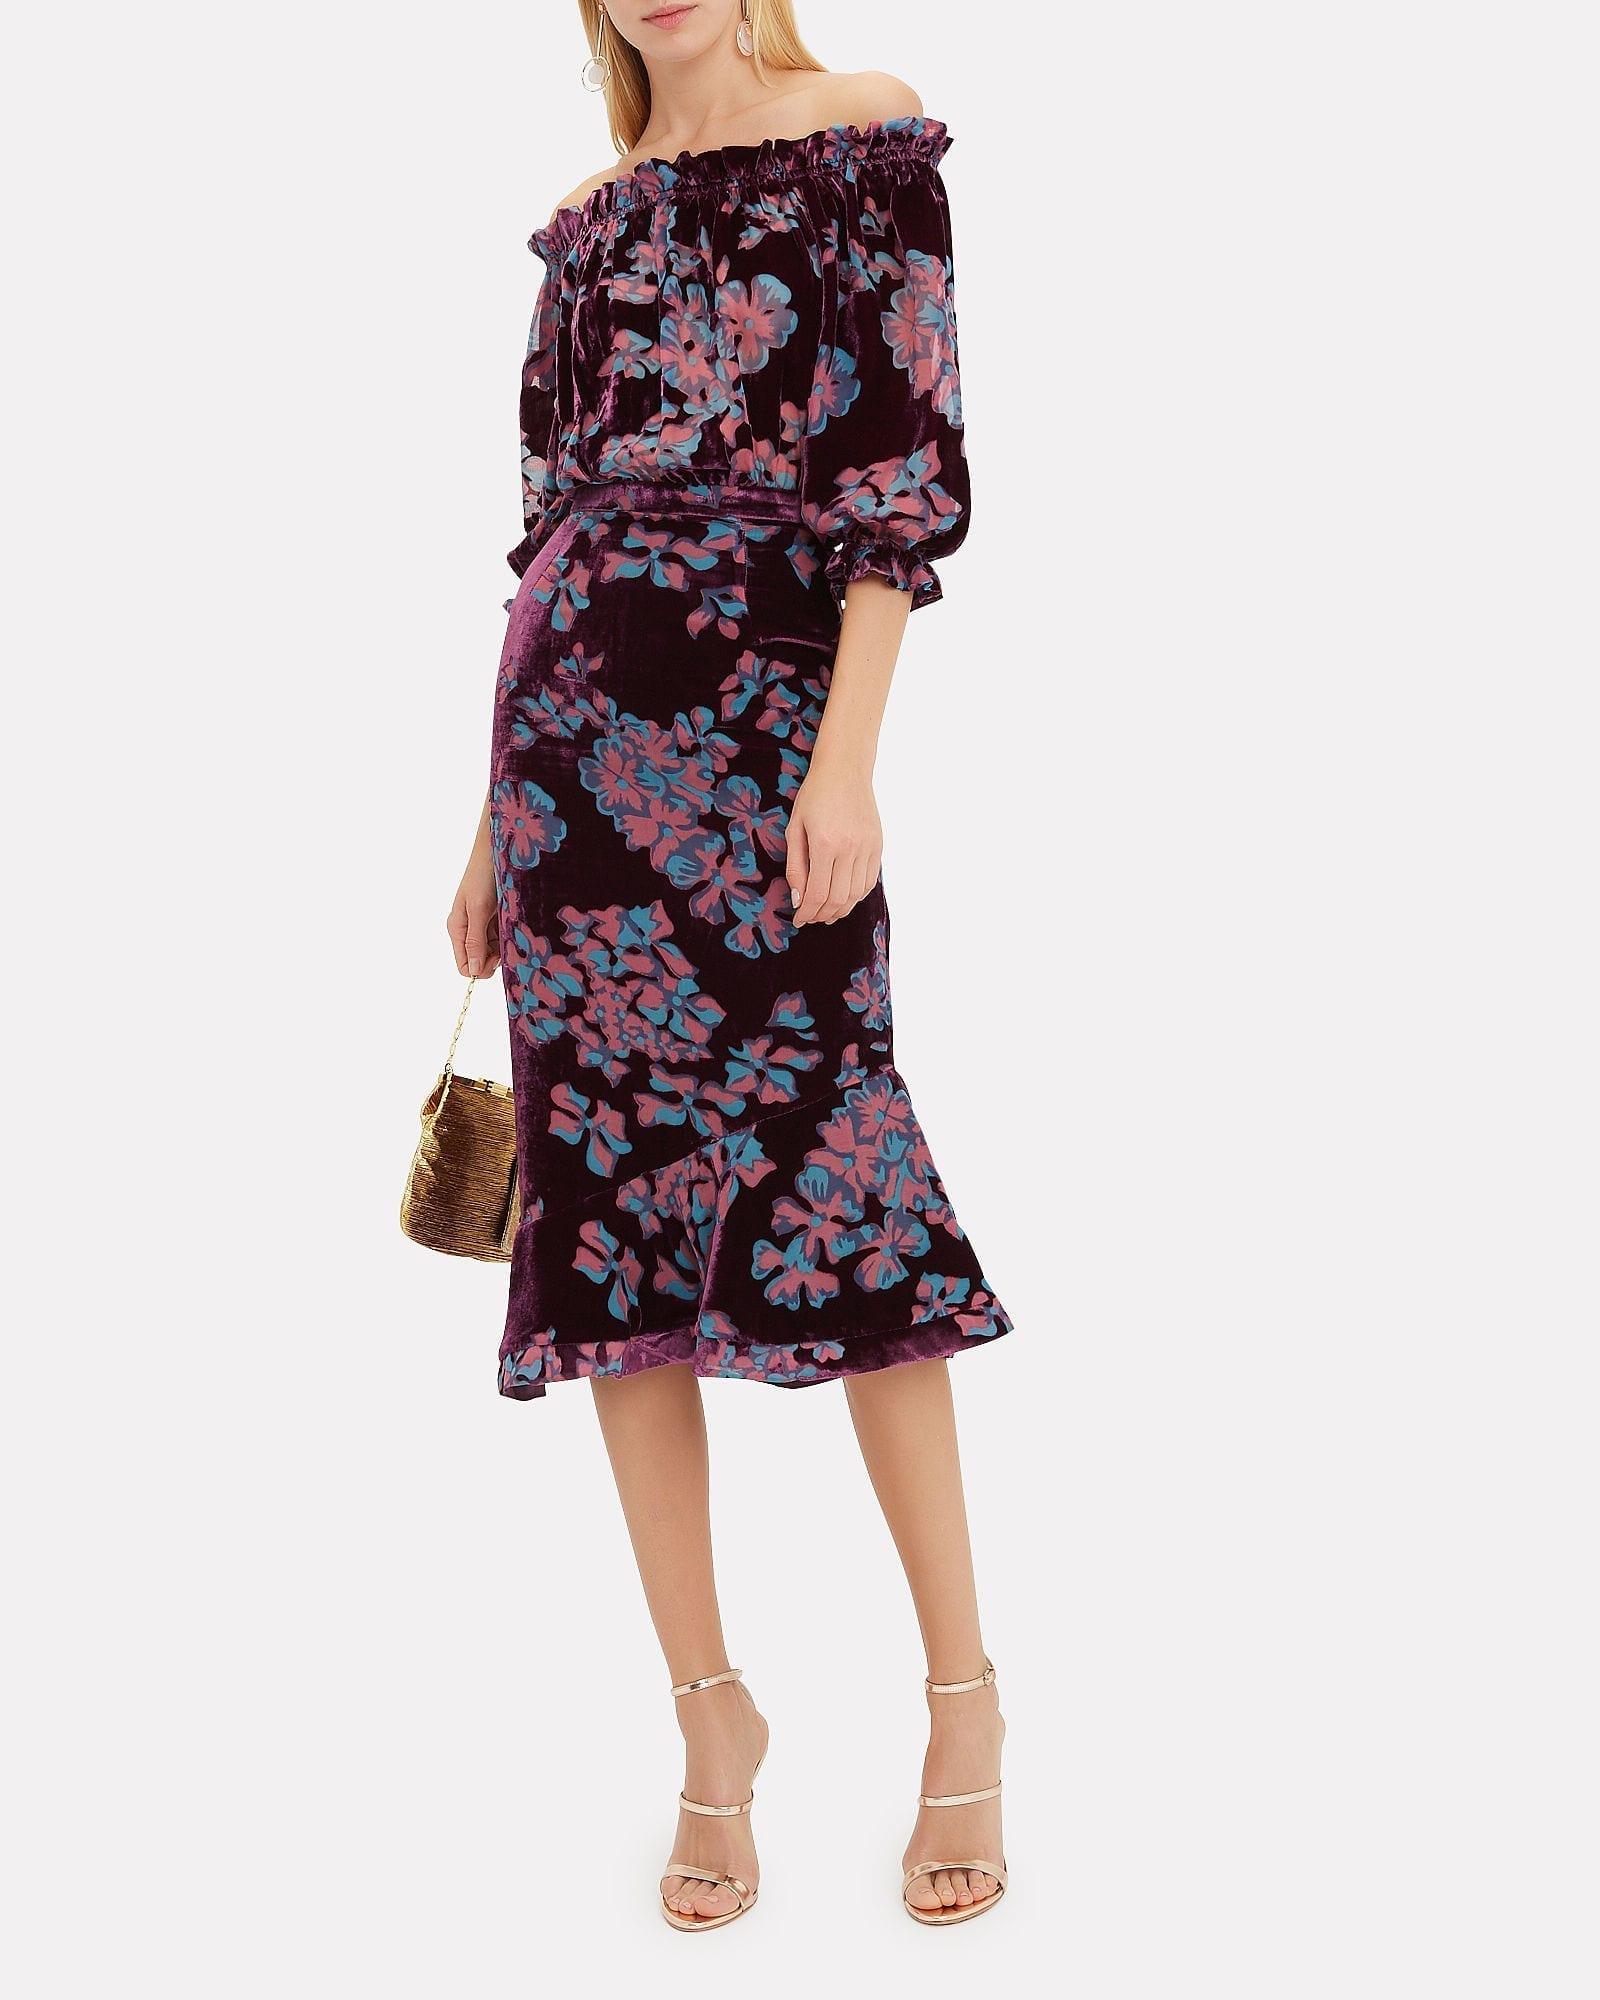 SALONI Grace Off Shoulder Dark Purple / Floral Printed Dress